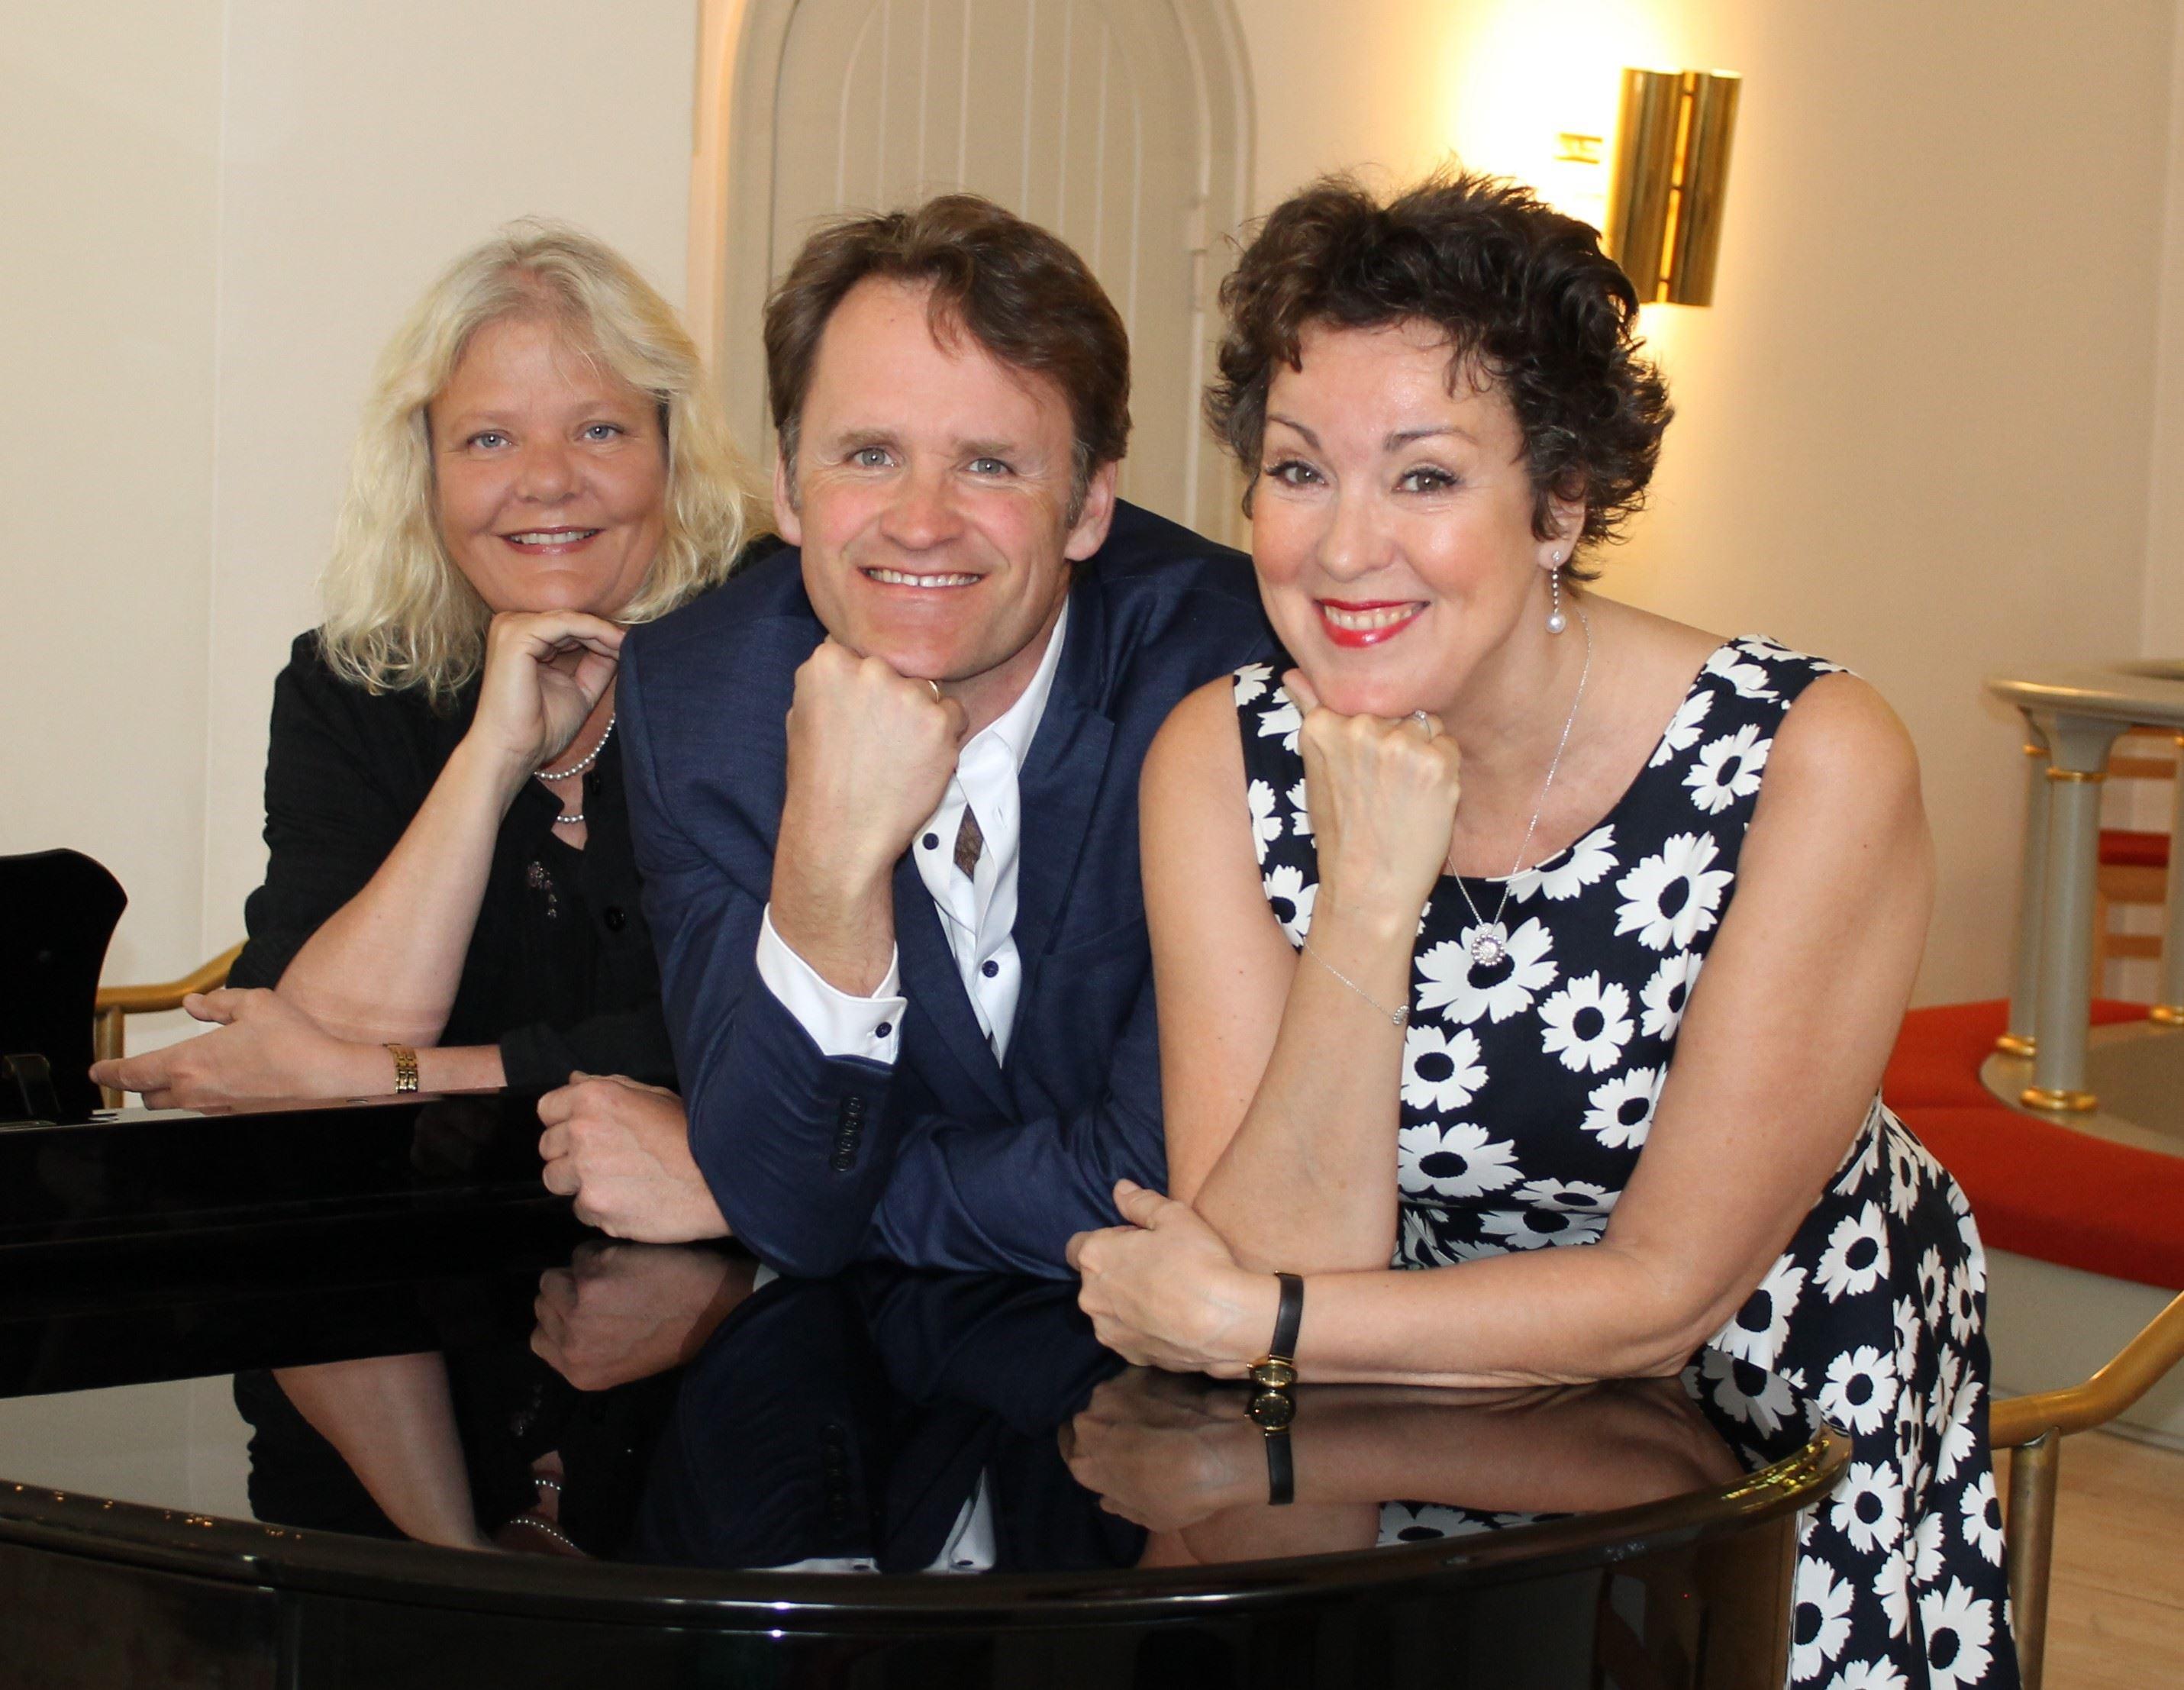 Sommerlig operakoncert med operasangere fra Det Kgl.Teater